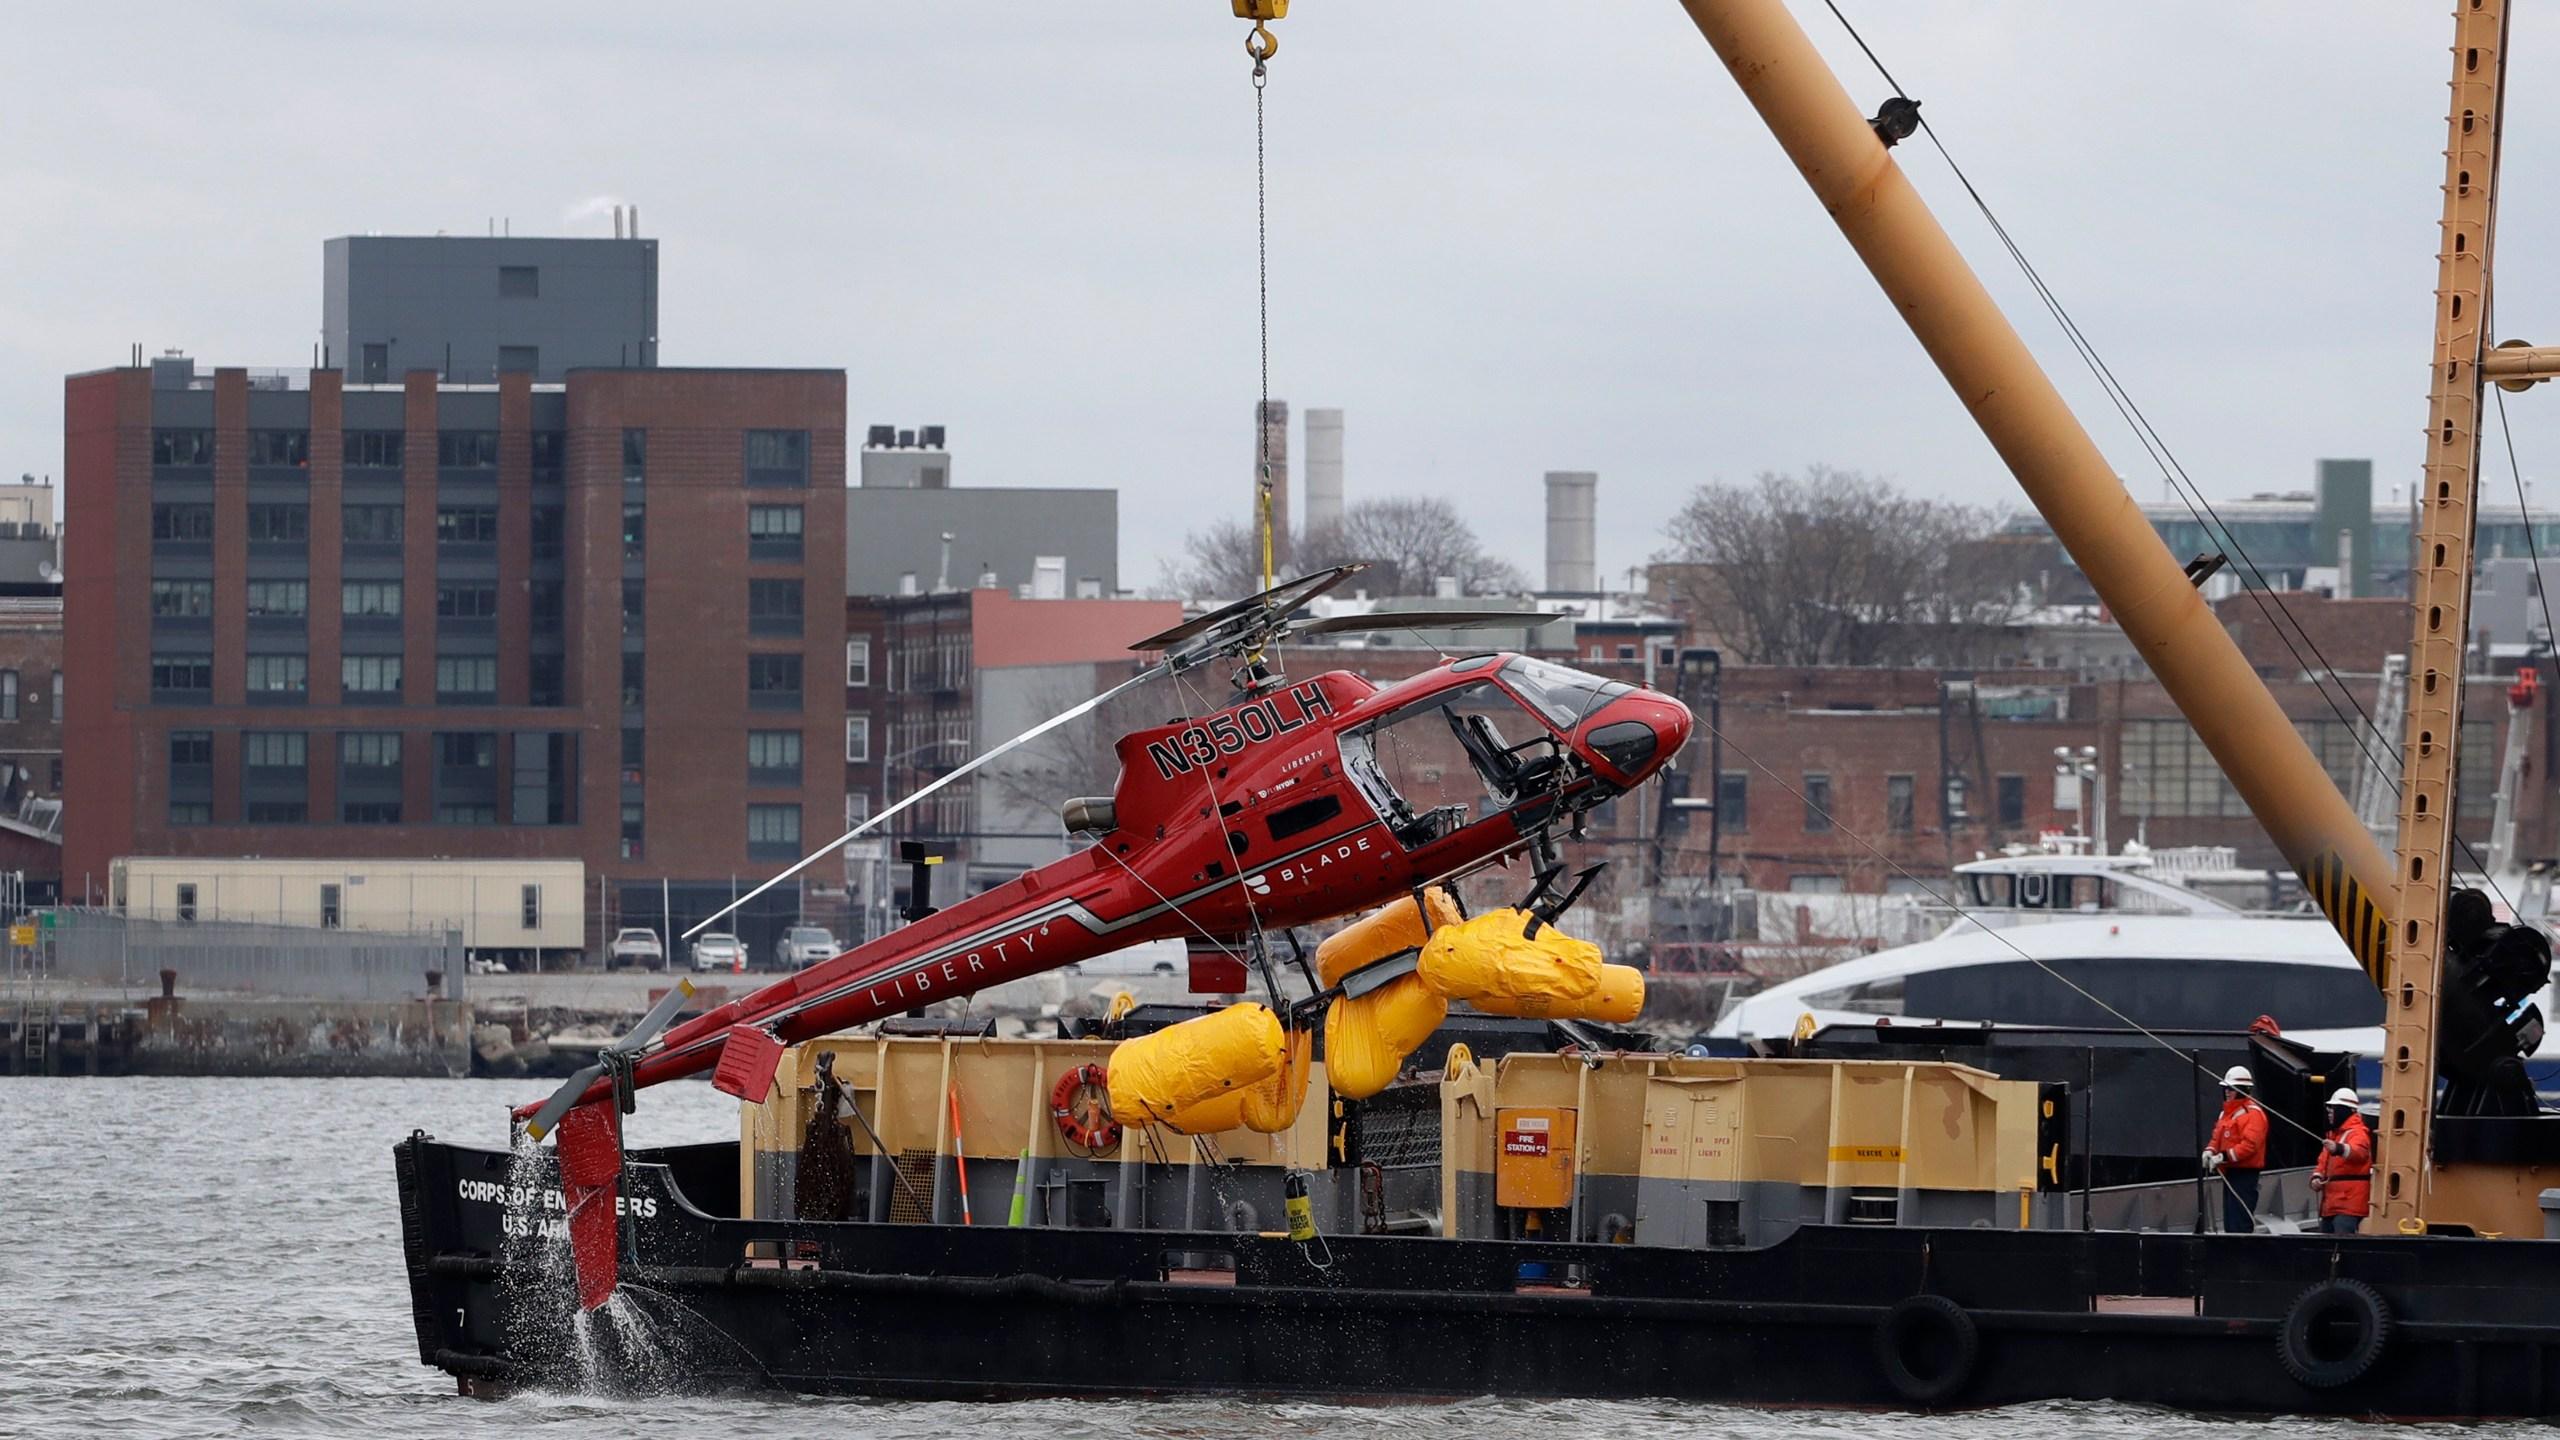 NYC Helicopter Crash_1520947589839